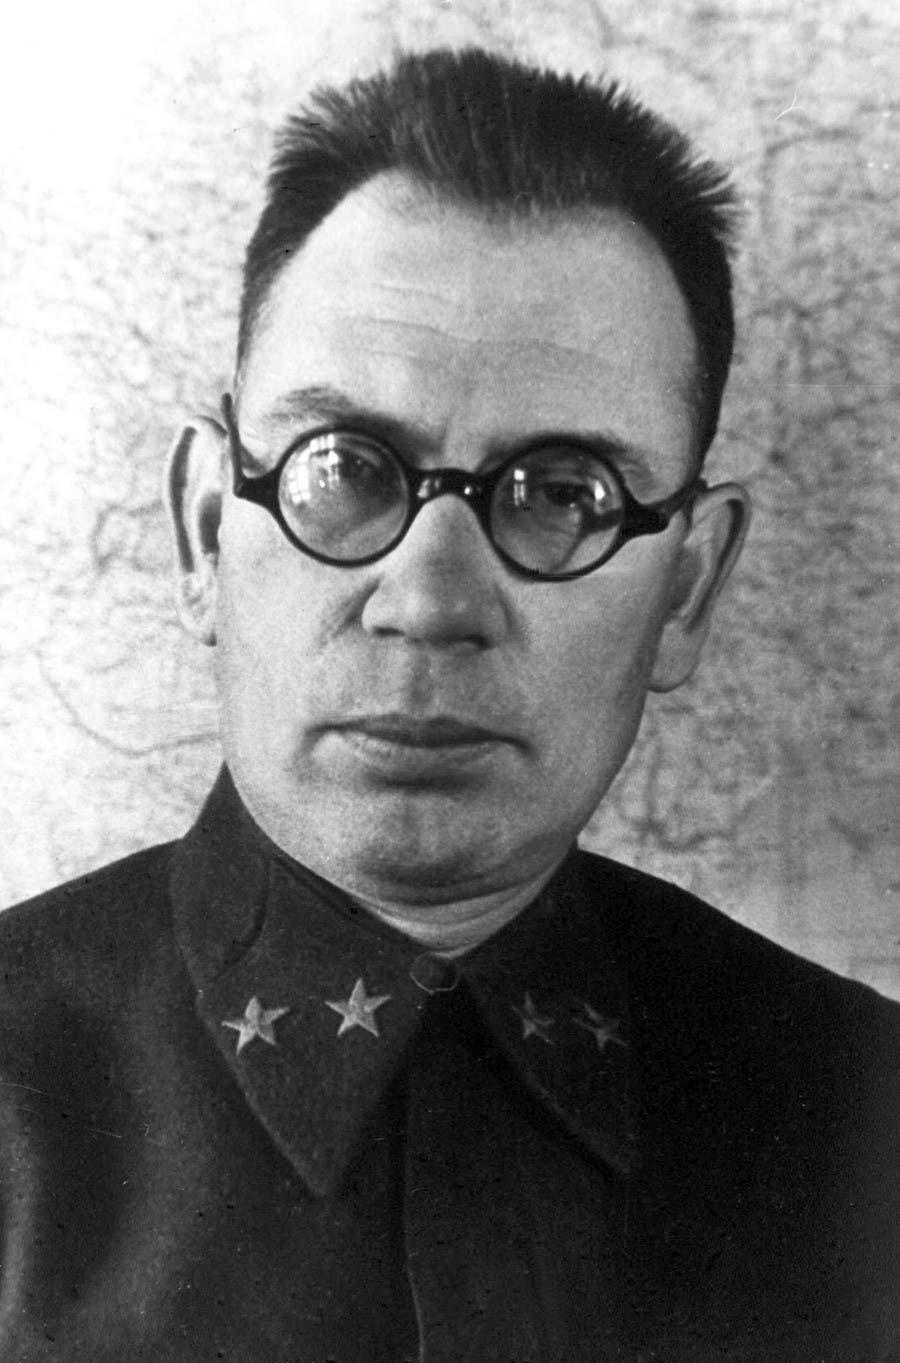 صورة للجنرال أندري فلاسوف